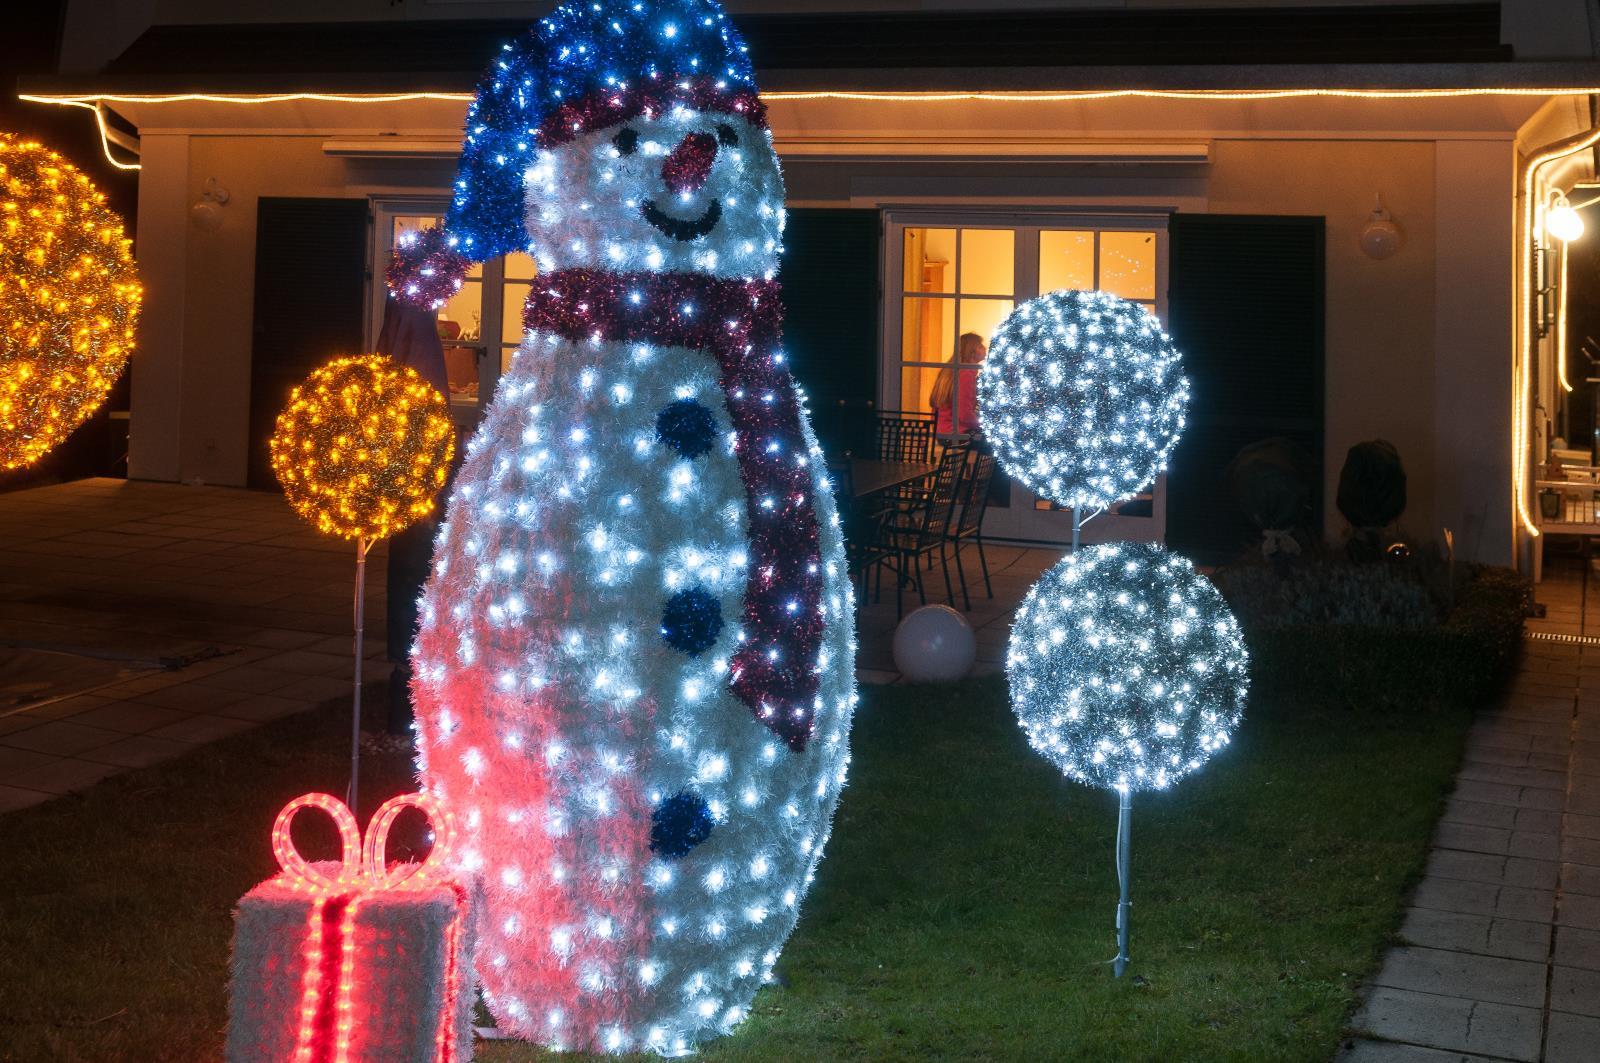 Außergewöhnliche Weihnachtsbeleuchtung.Außergewöhnliche Weihnachtsfiguren